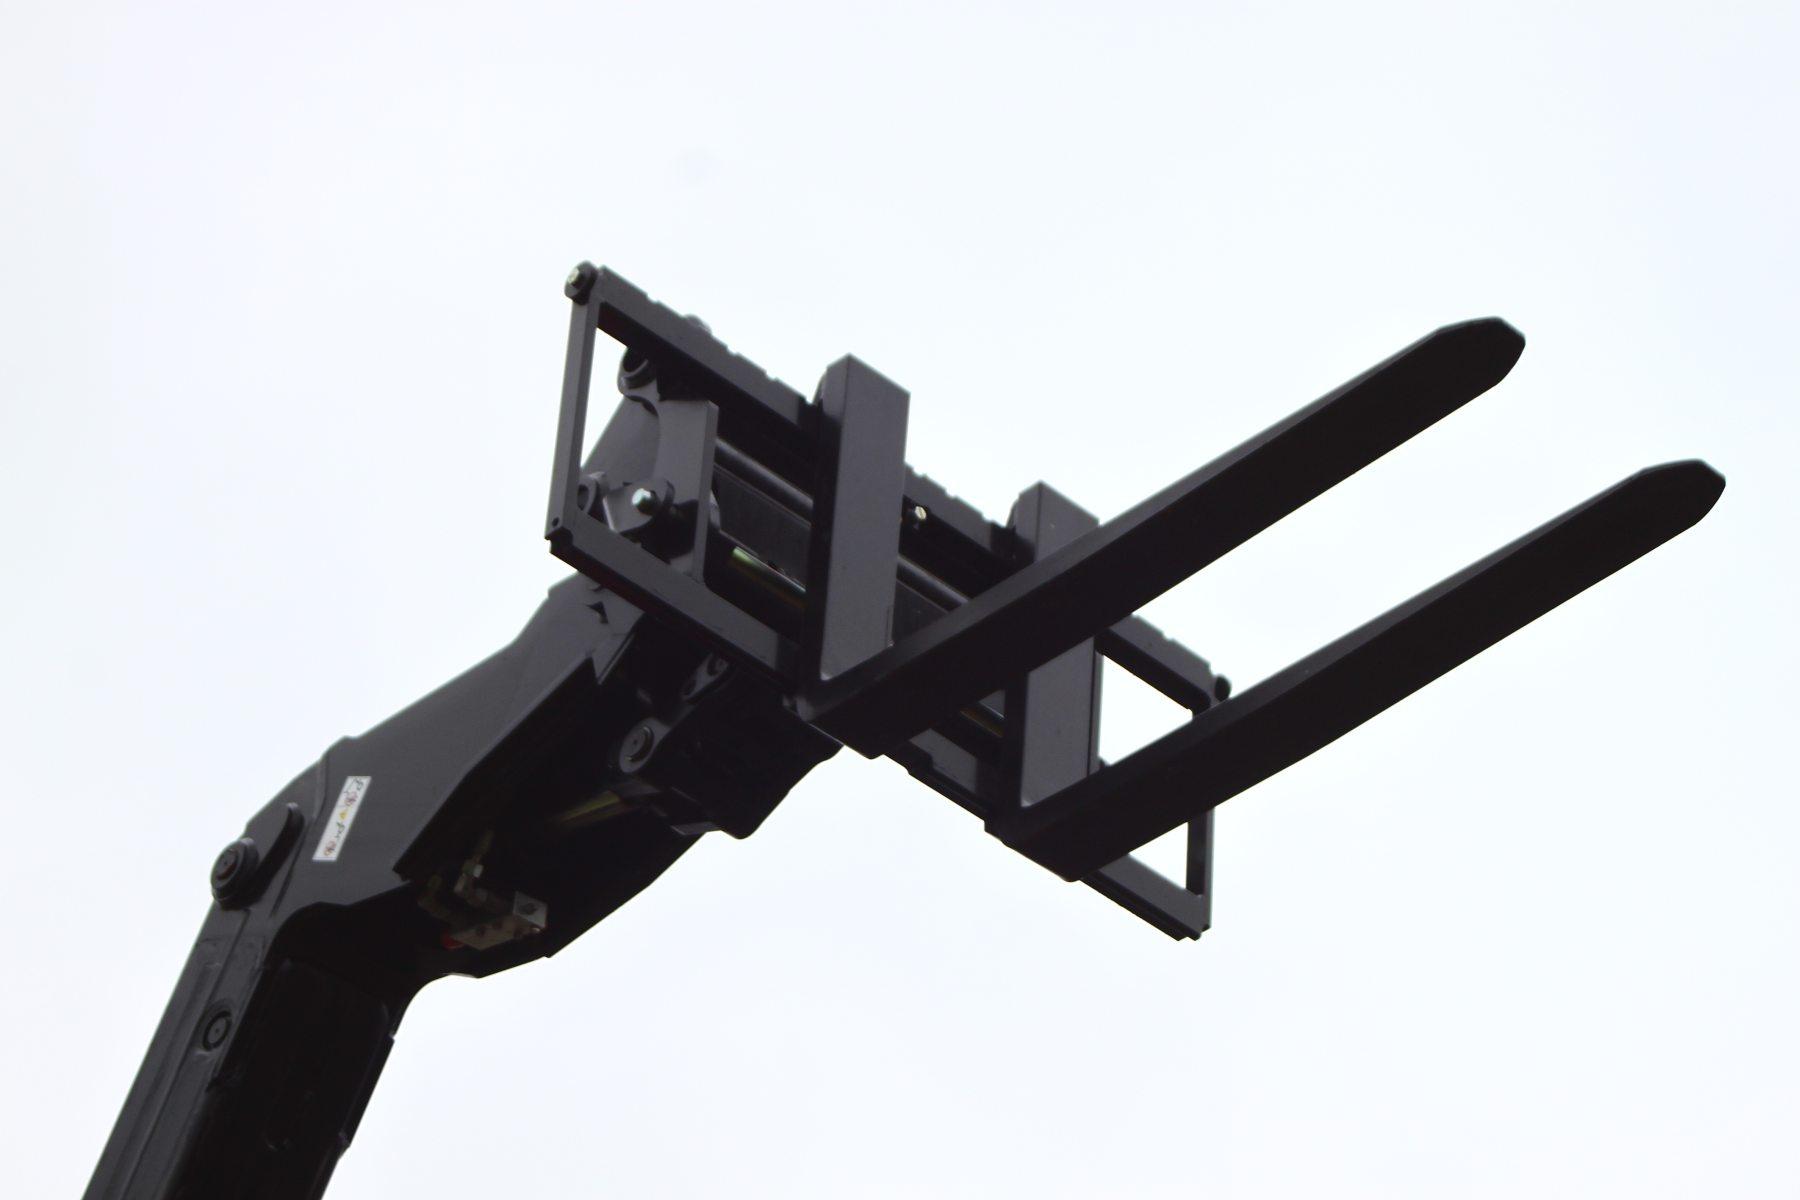 szkolenia na ładowarki teleskopowe - widły ładowarki